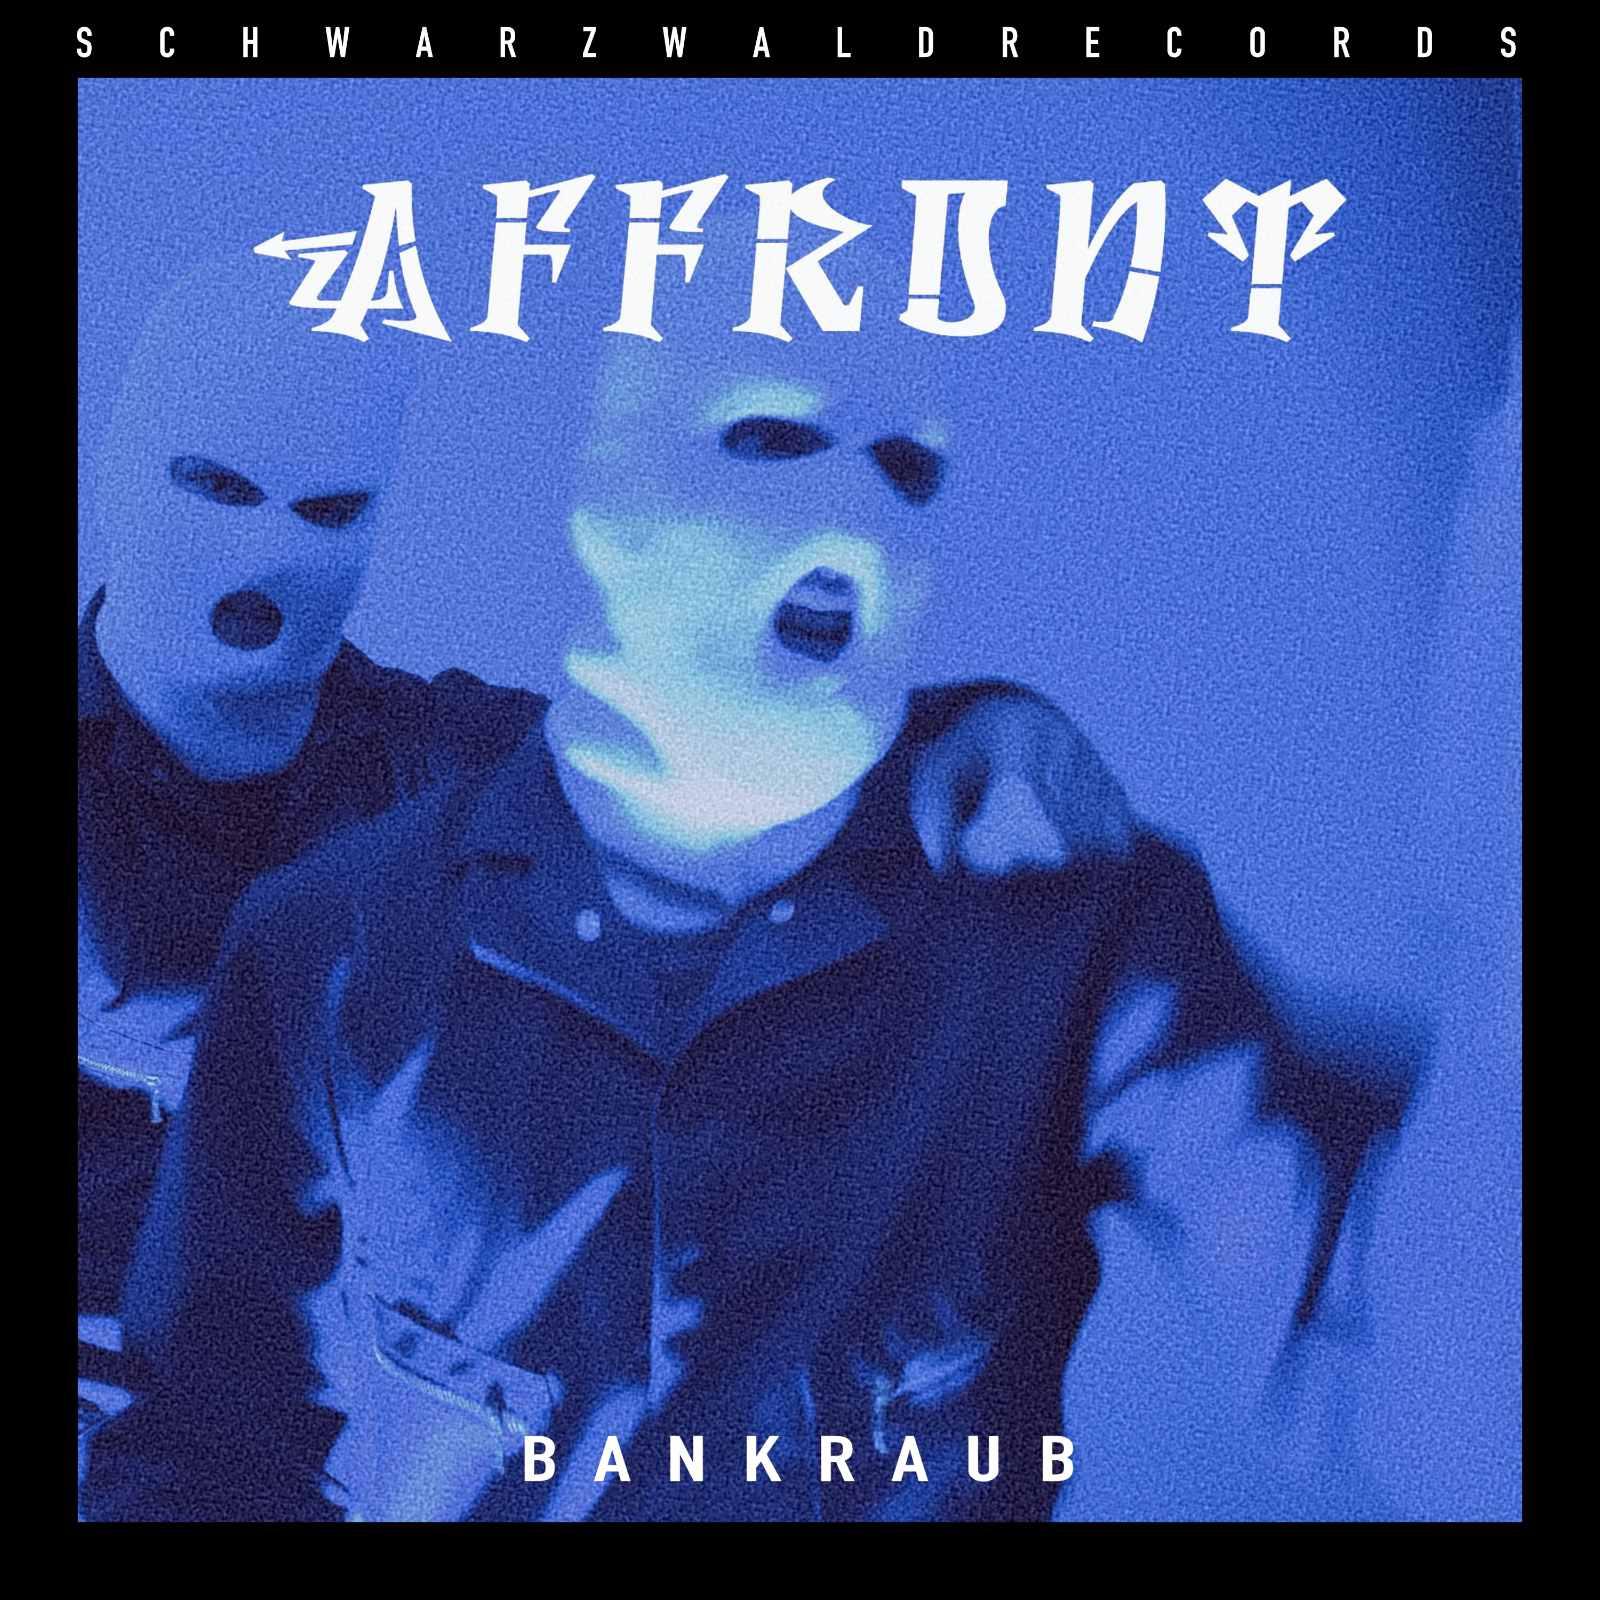 Upcoming: Affront - Bankraub